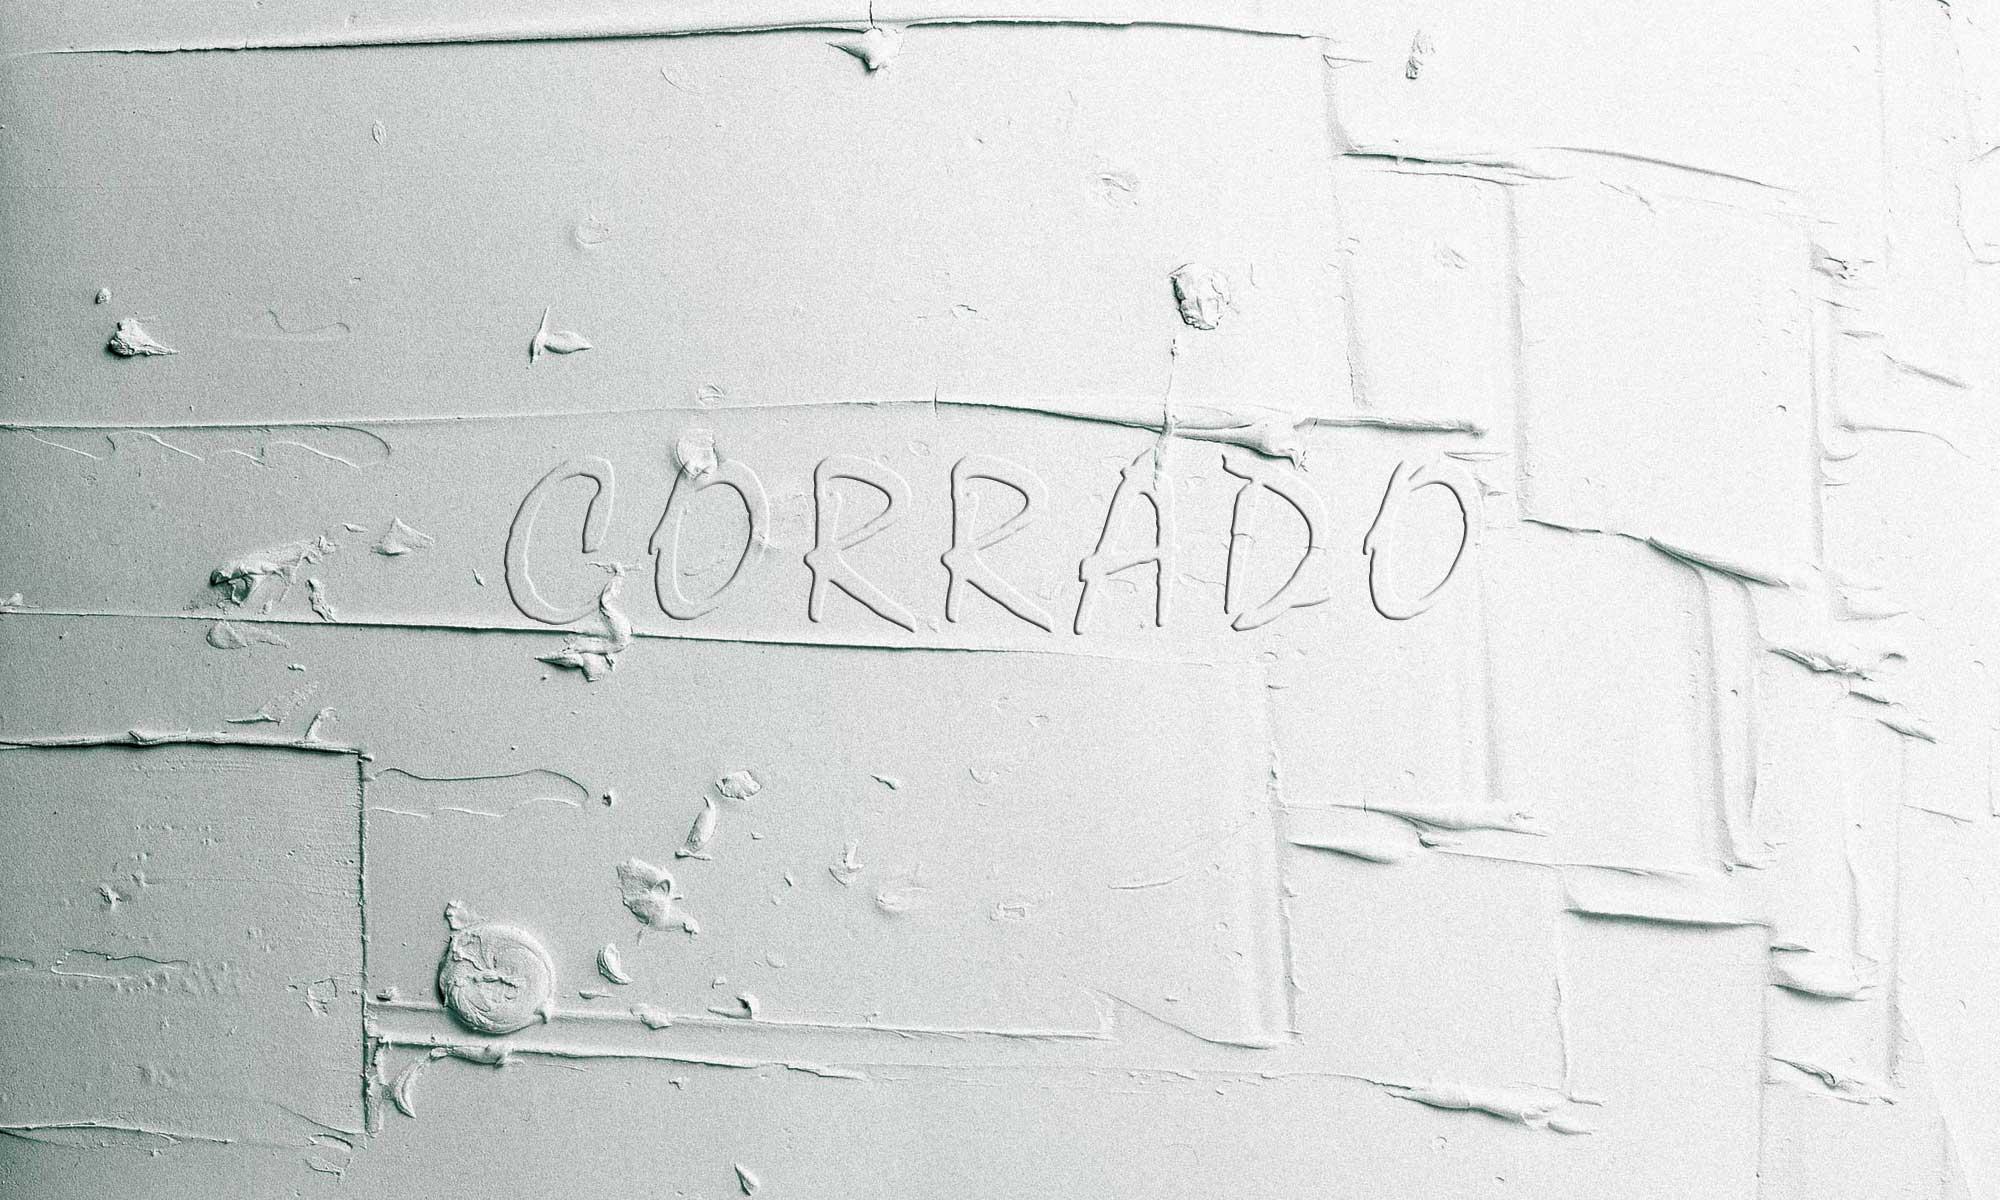 楽天運営に困ったら?札幌・北海道全域でネットショップコンサルティングのCORRADO(コラード)!